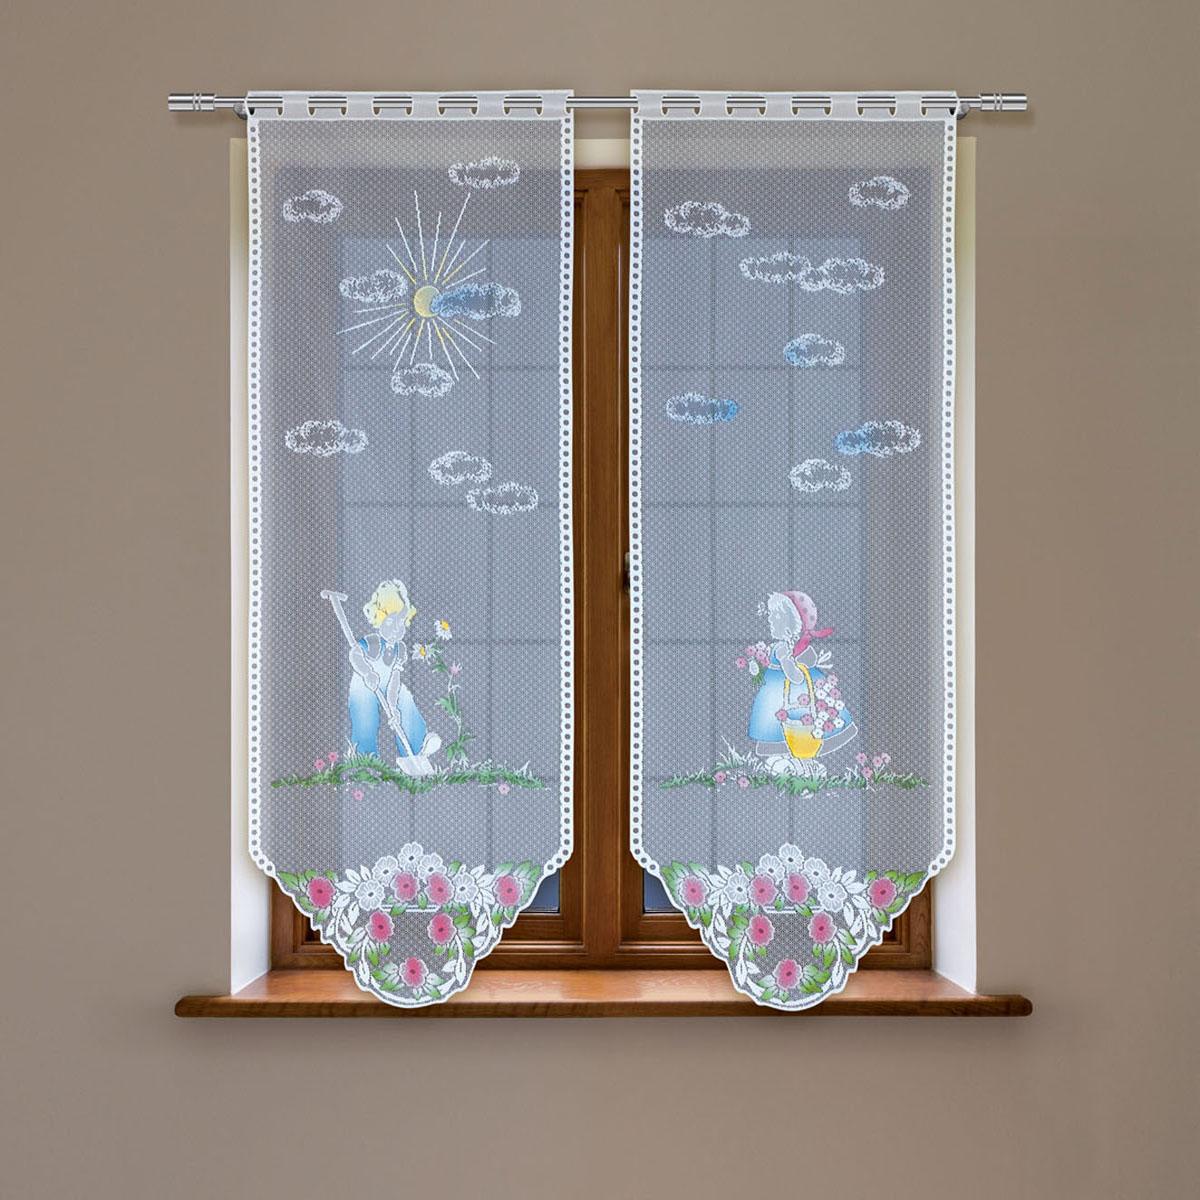 Гардина Haft, цвет: белый, высота 220 см. 4244Е/604244Е/60Гардина-витраж Haft изготовленная из полиэстера, станет изюминкой интерьера вашей комнаты. Гардина имеет в верхней части полотна прорези, через которые вешается на карниз. Гардину можно крепить на зажим для штор, который в комплект не входит.